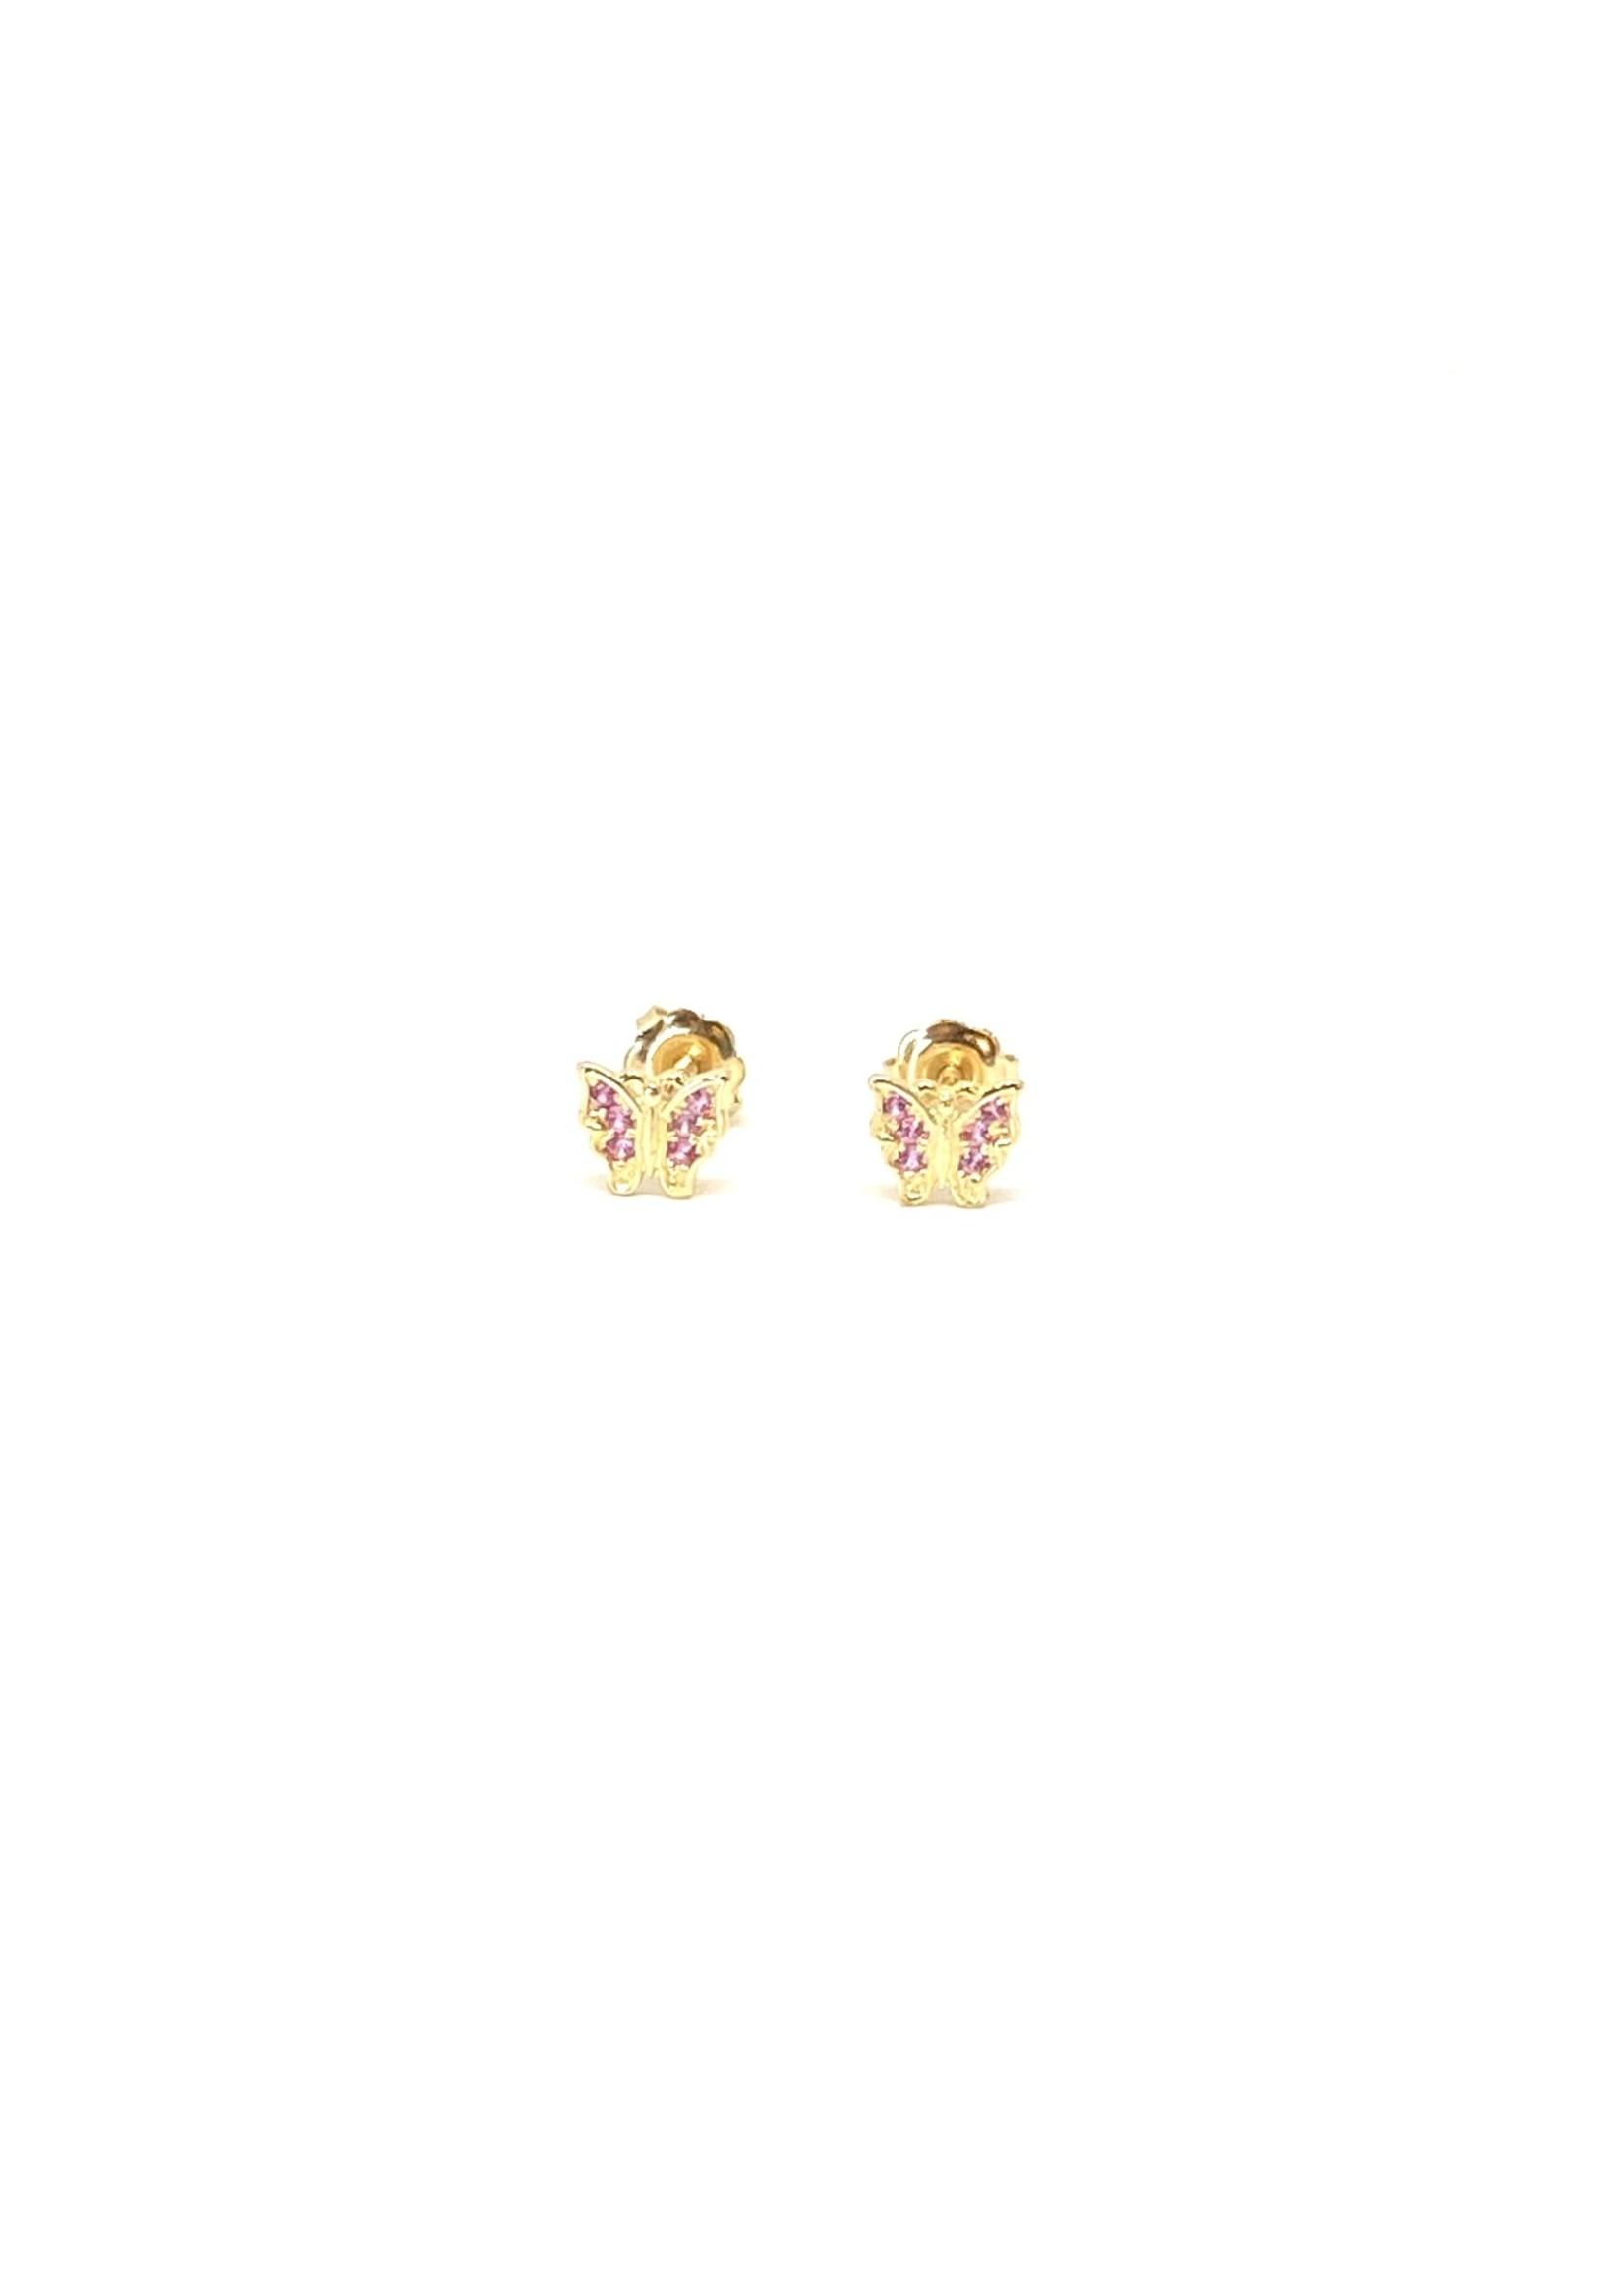 PARÉ Boucles d'oreilles Stud Papillons mauves Or 10K